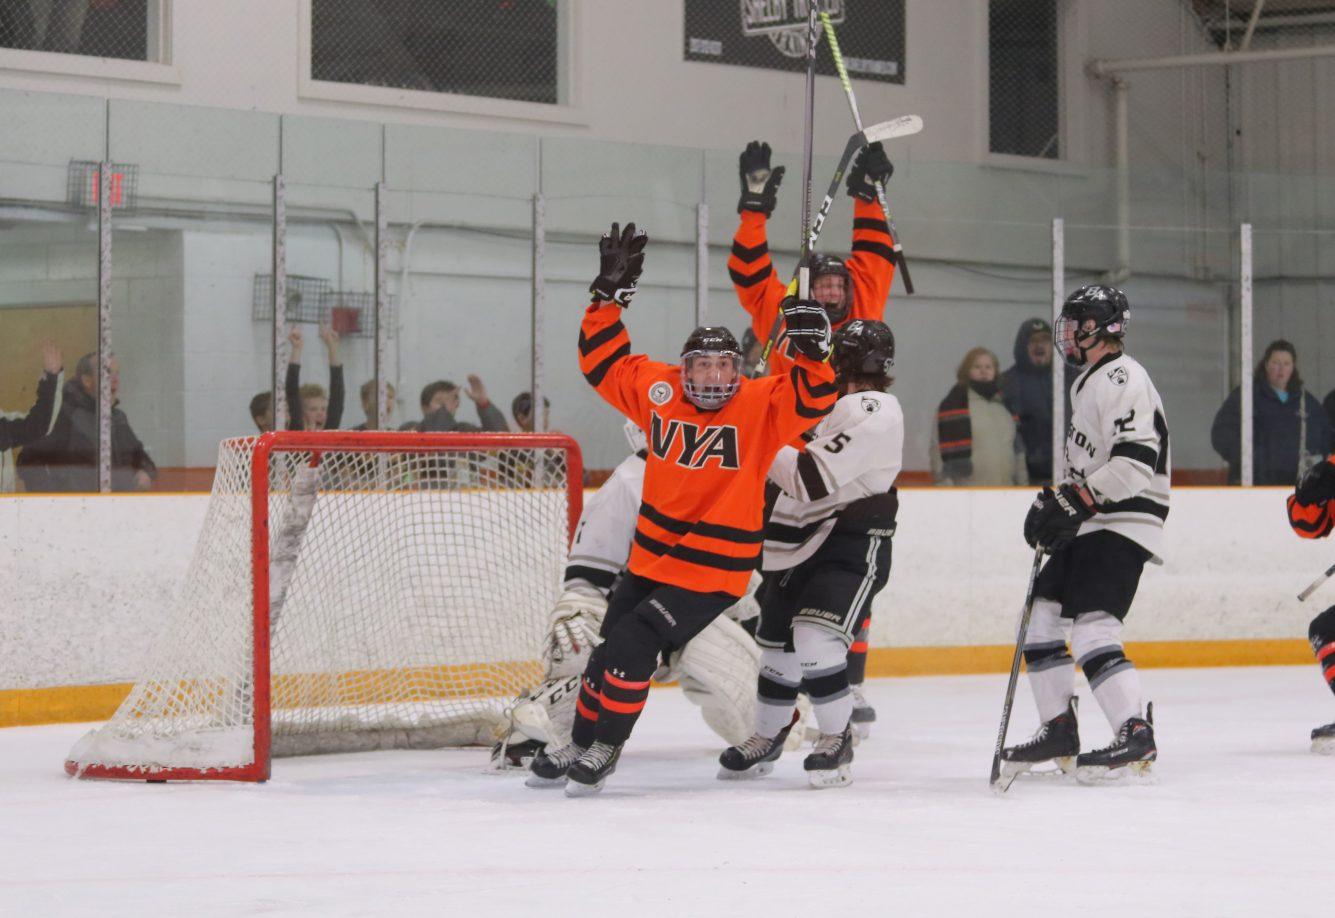 NYA Boys Varsity hockey 2019 - credit Brian Beard - CIP